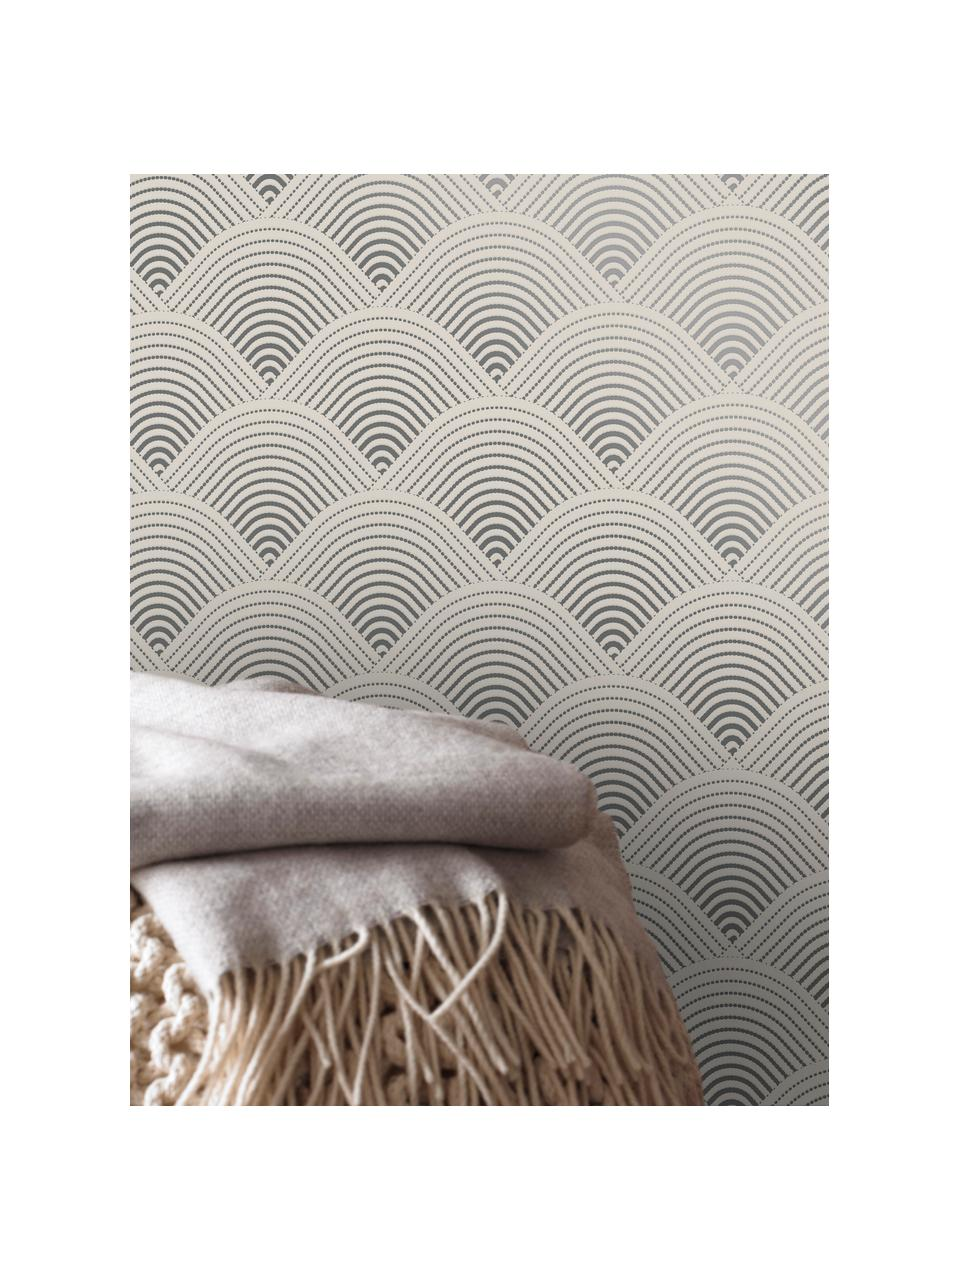 Tapete Luxus 3D Geometric Art, Vlies, Silberfarben, Grau, 52 x 1005 cm